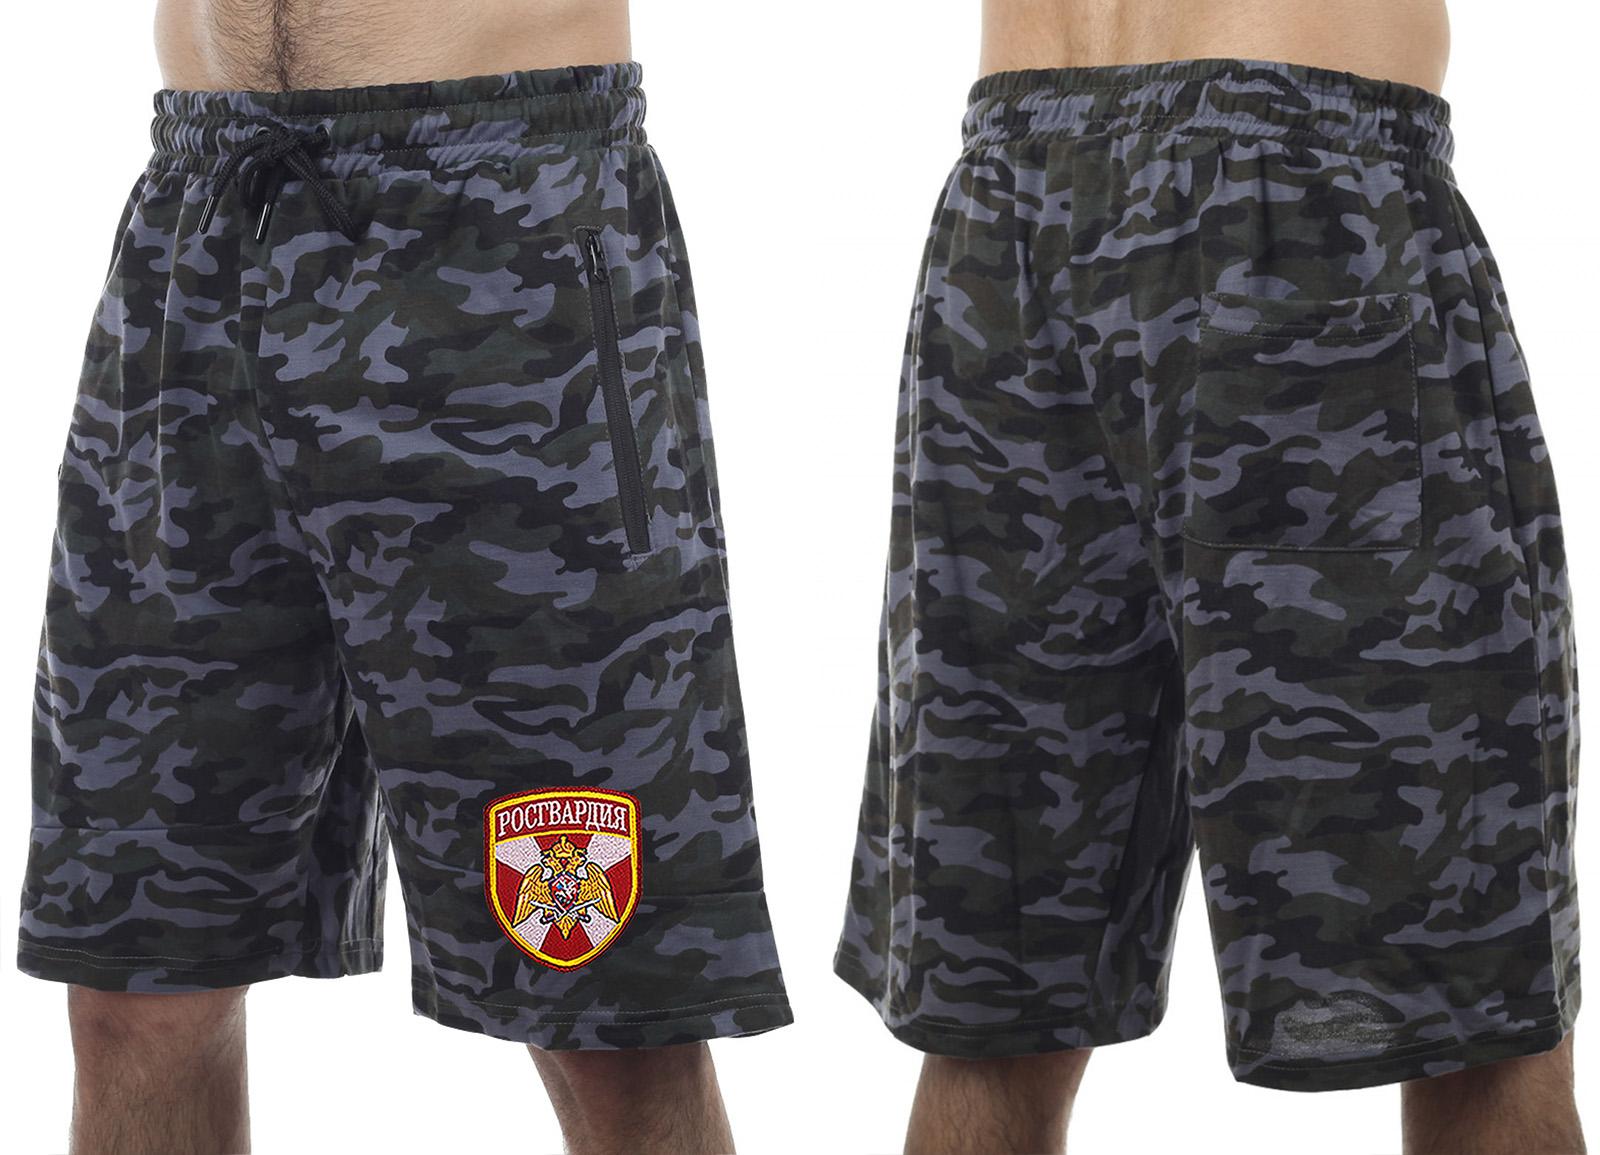 Зачетные камуфляжные шорты с удобными карманами и нашивкой Росгвардия - купить в розницу